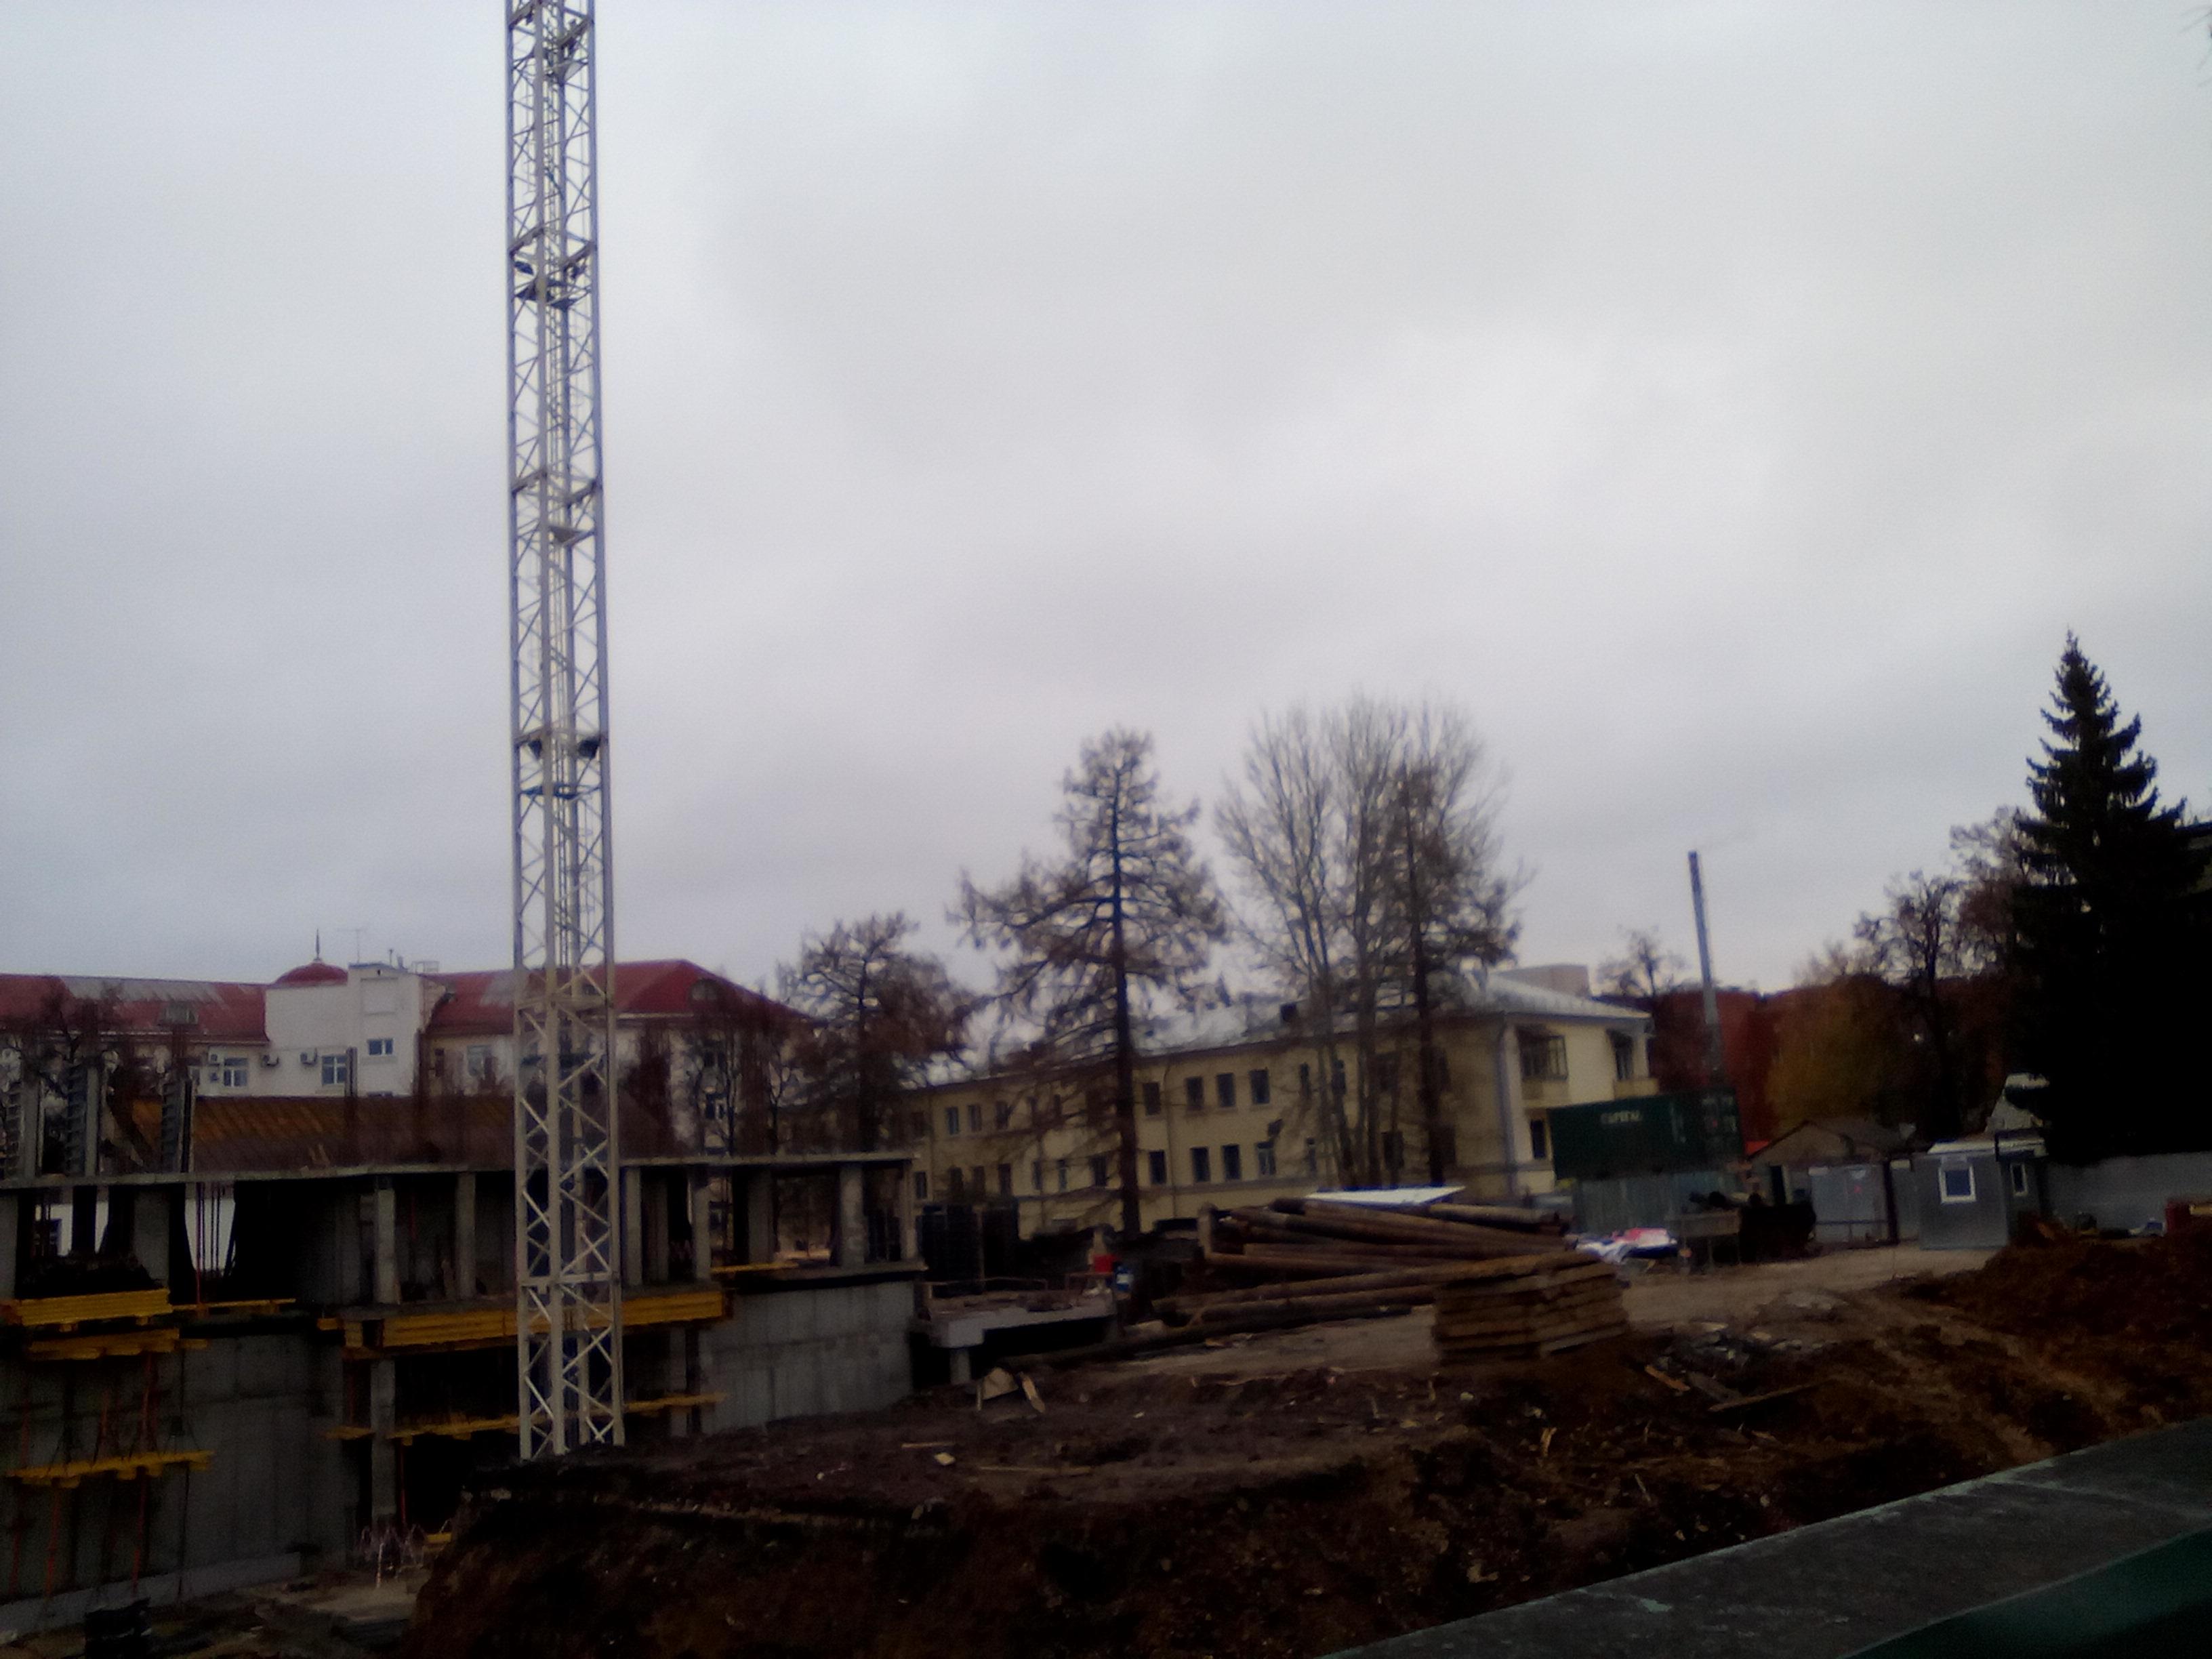 Фотографии жилого дома по улице Свободы 52 г. Тула. ООО Альянс Элит.